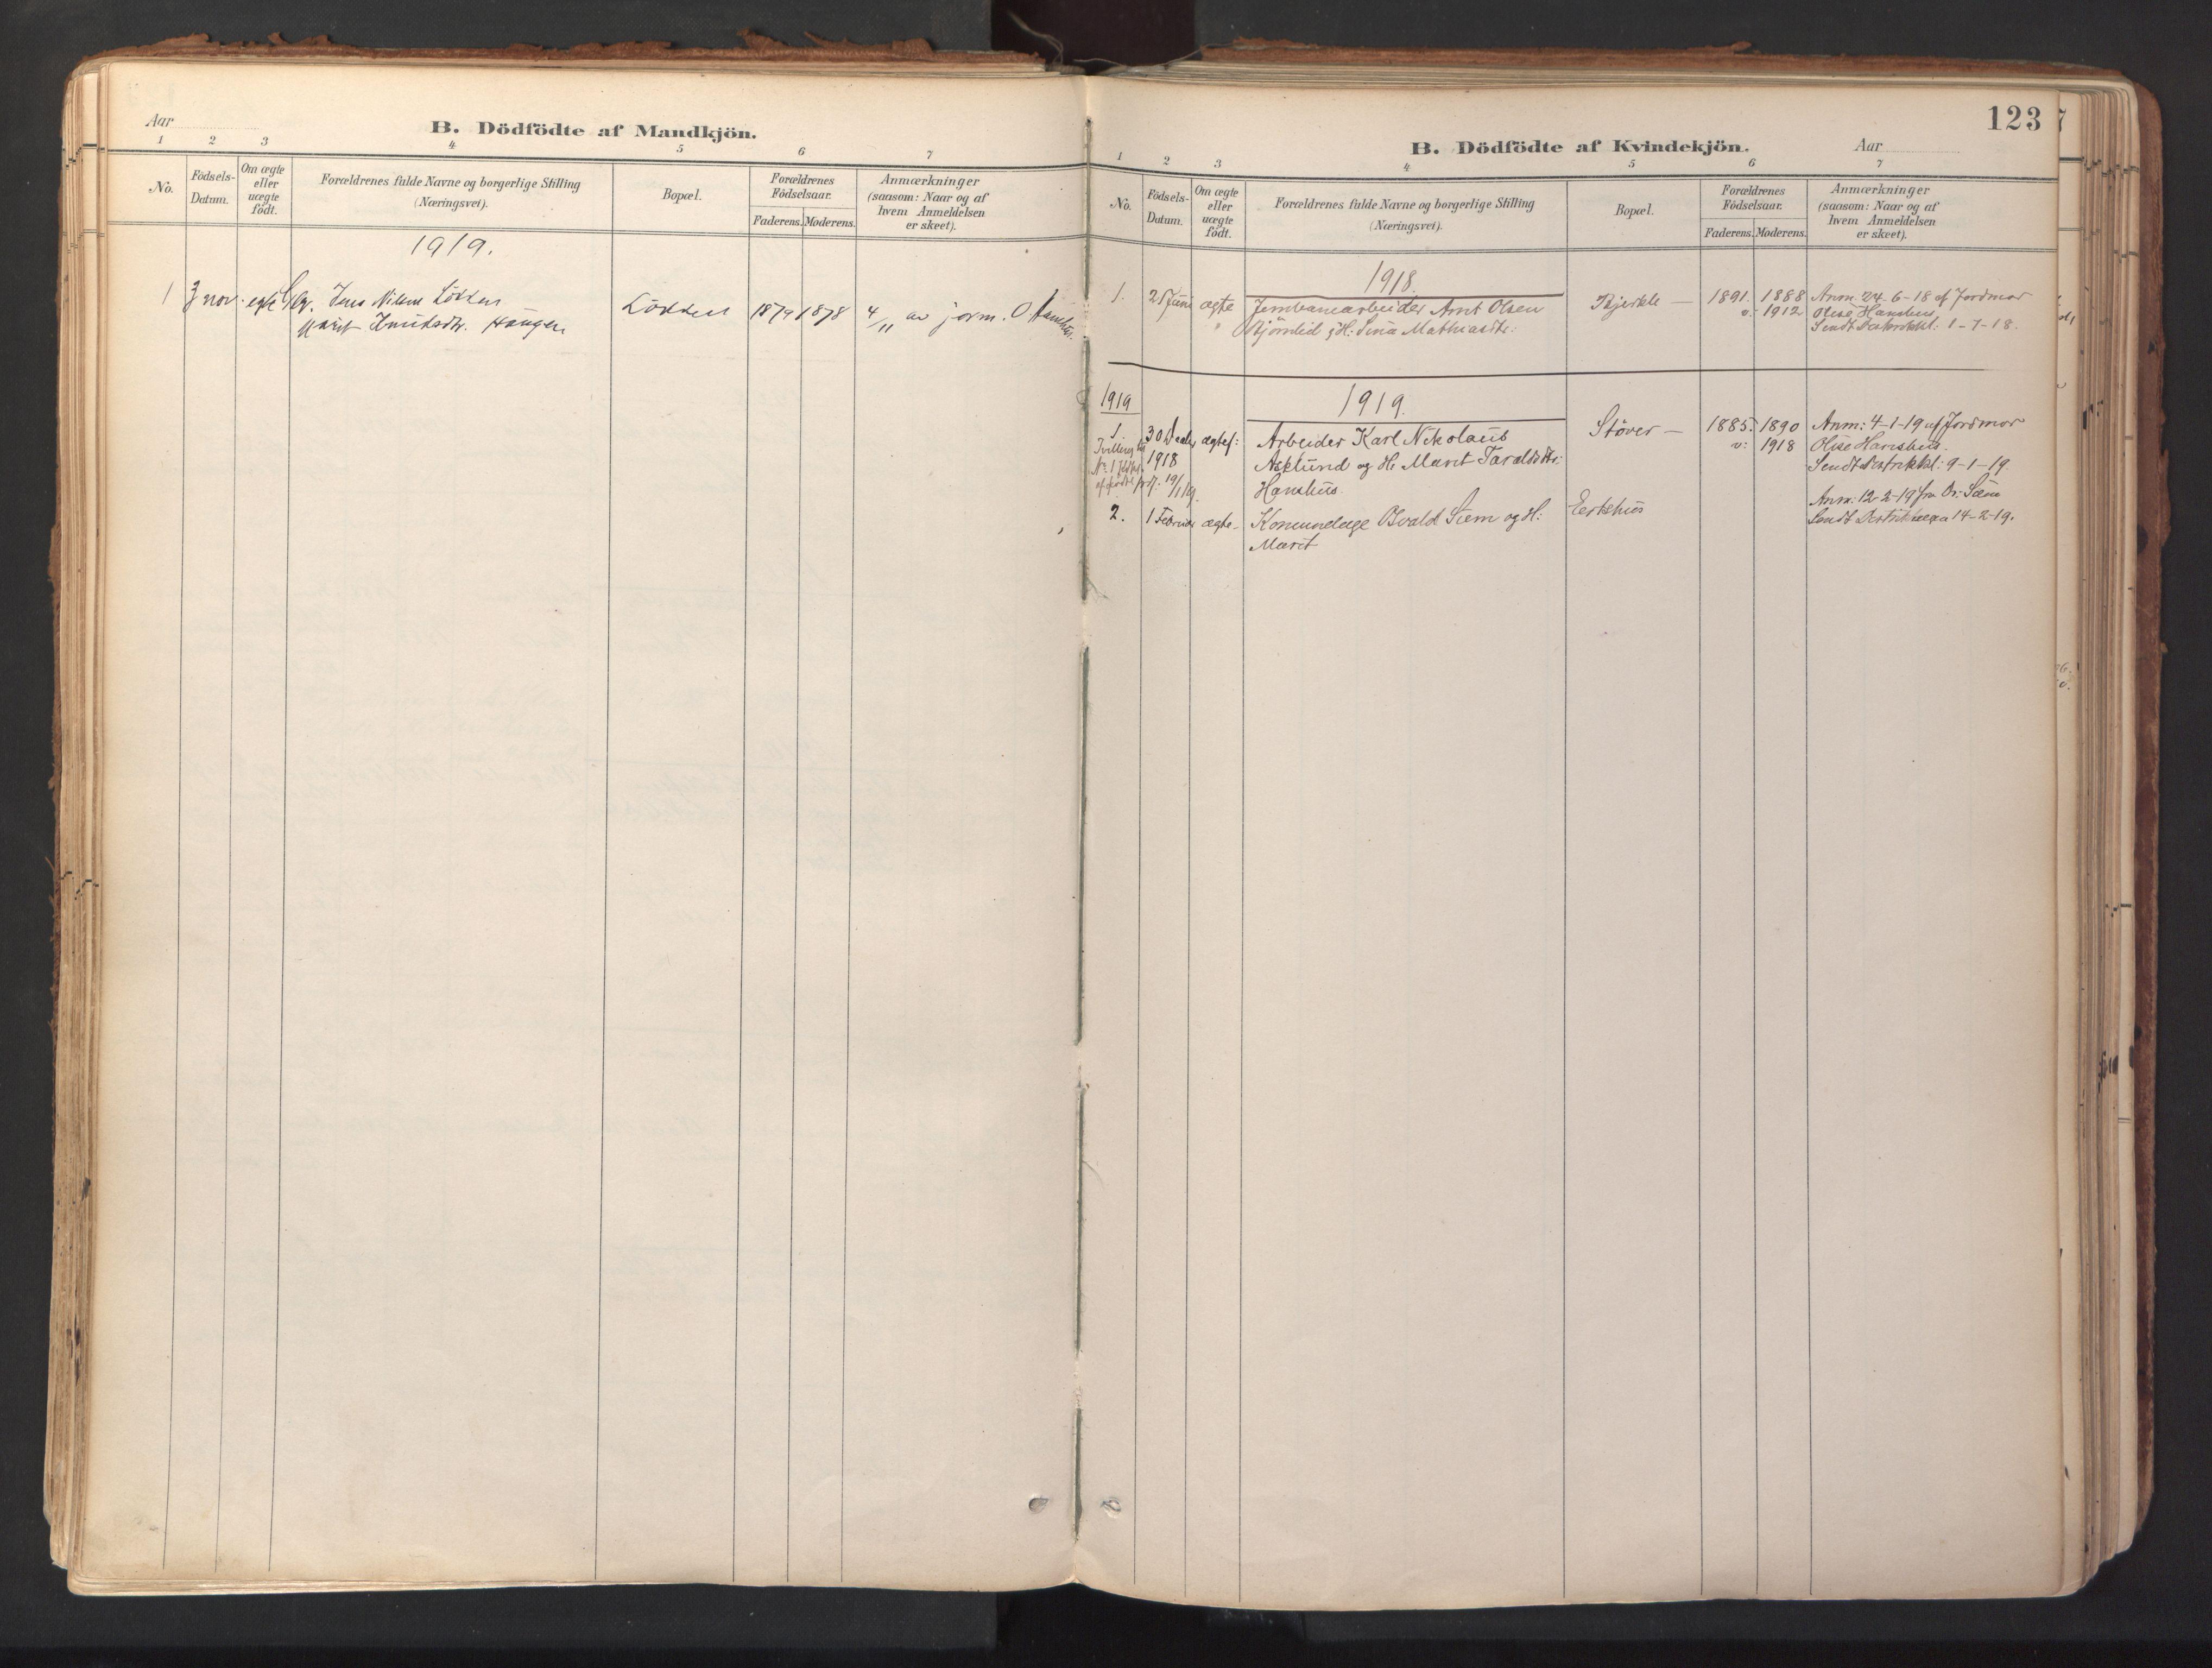 SAT, Ministerialprotokoller, klokkerbøker og fødselsregistre - Sør-Trøndelag, 689/L1041: Ministerialbok nr. 689A06, 1891-1923, s. 123